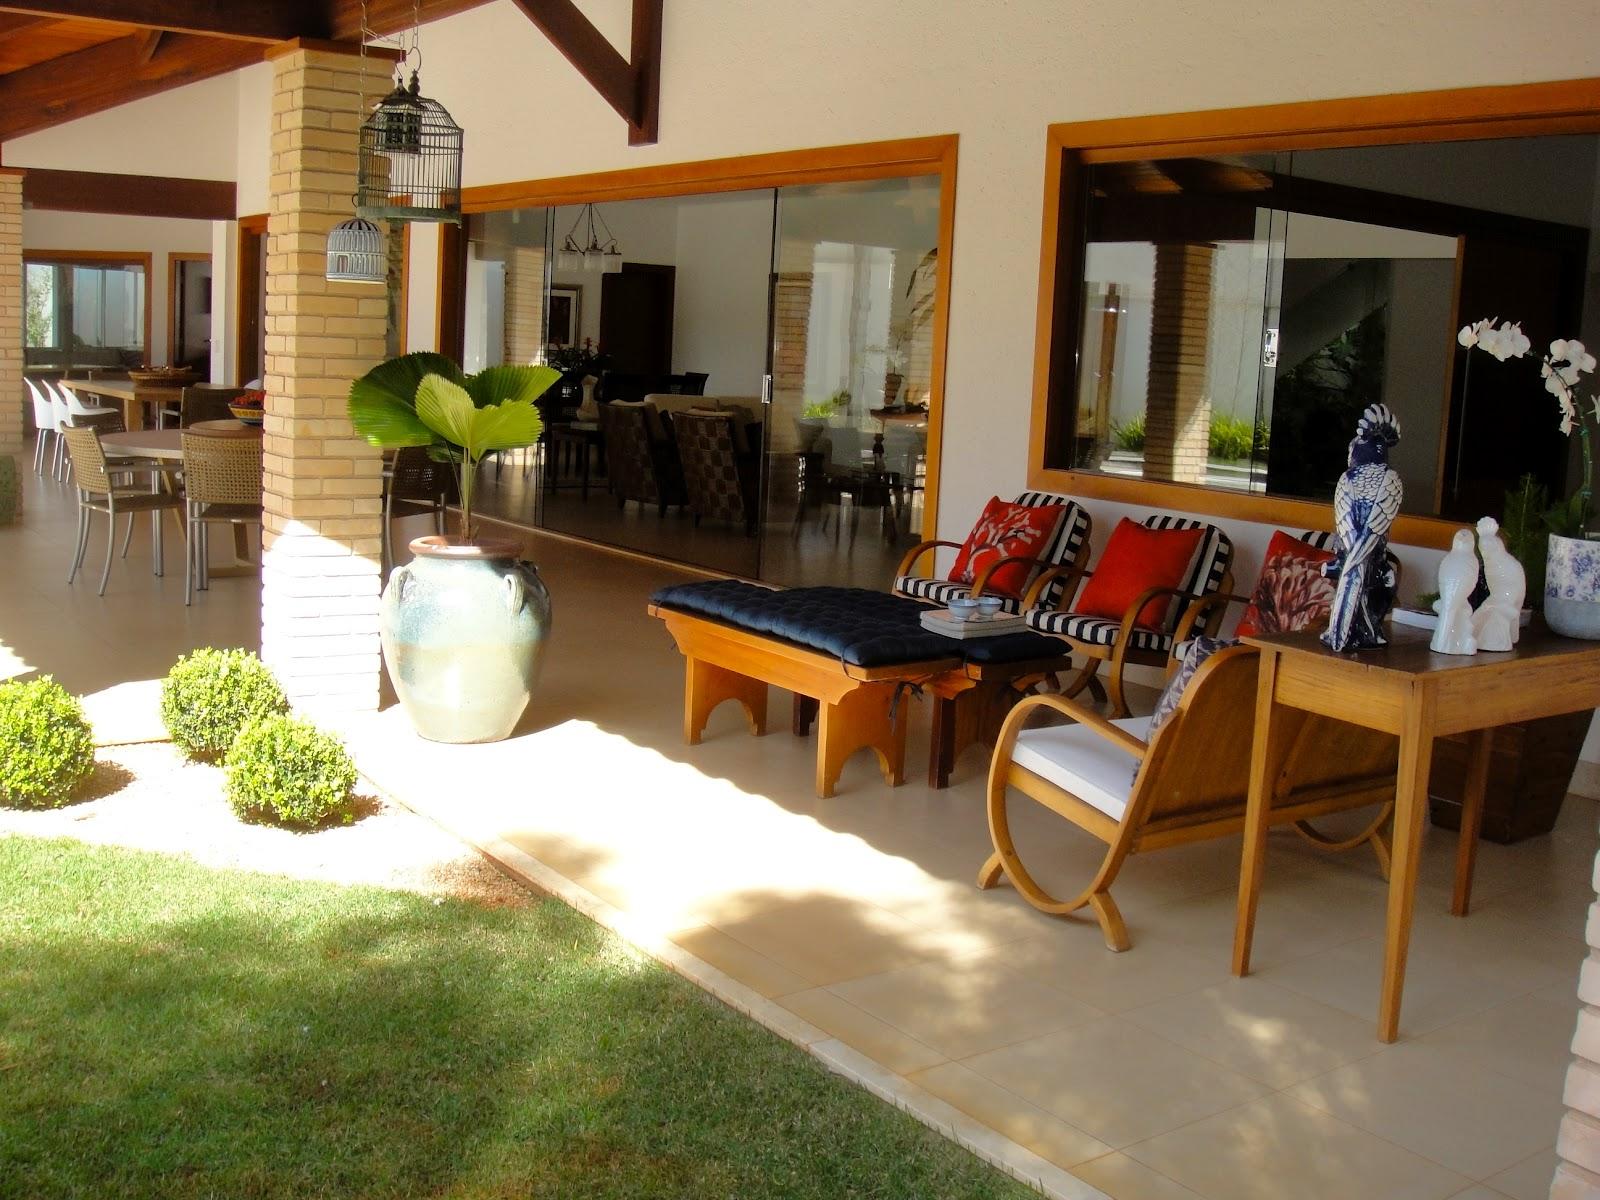 Arquivo para Casas Página 13 de 15 Blog Home Idea #713E17 1600x1200